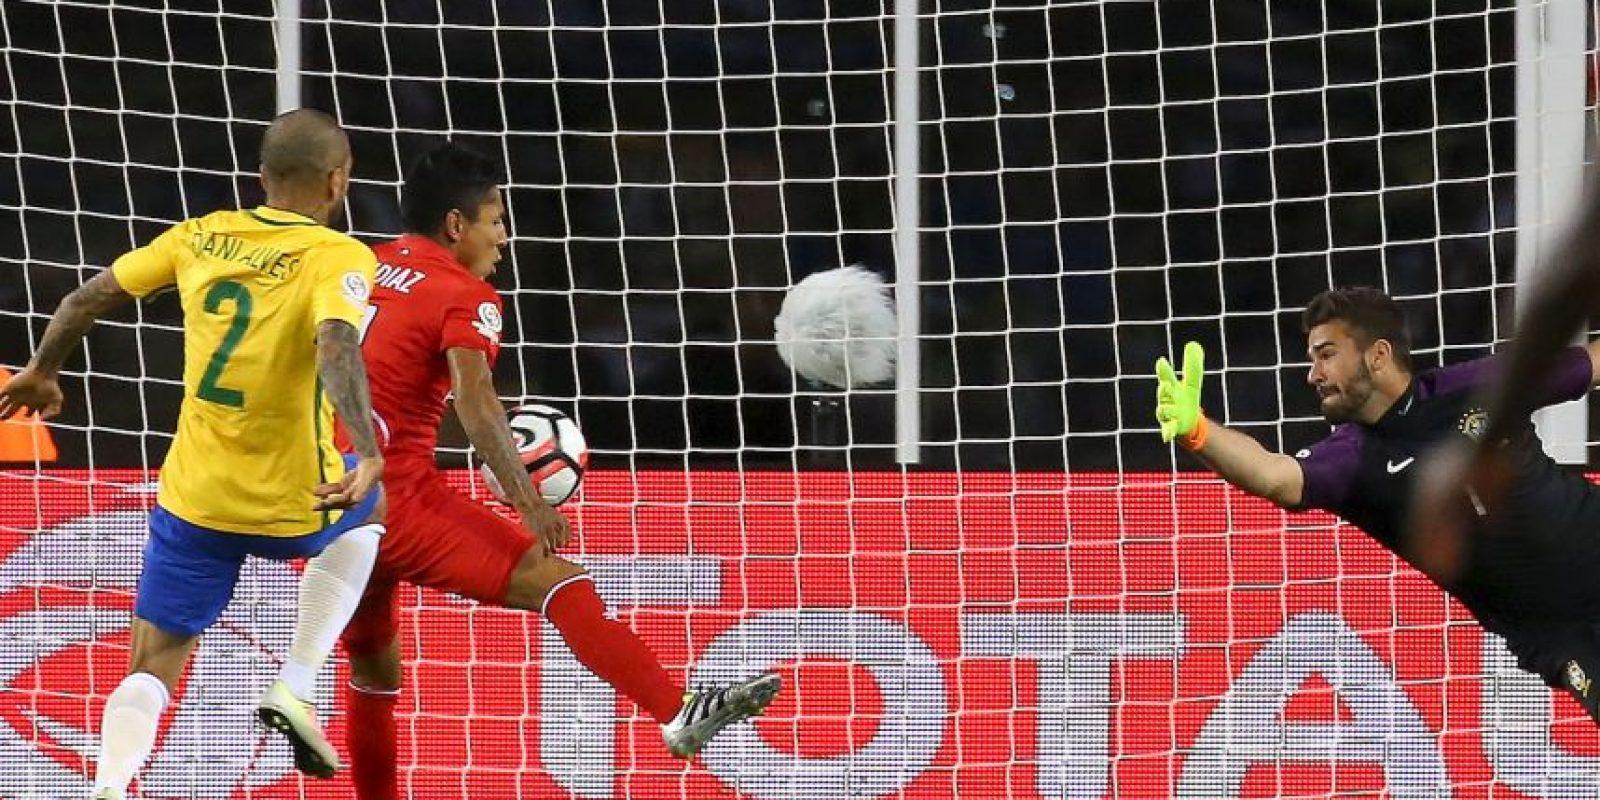 La mano de Raúl Ruidíaz fue el error más grave de los árbitros Foto:Getty Images